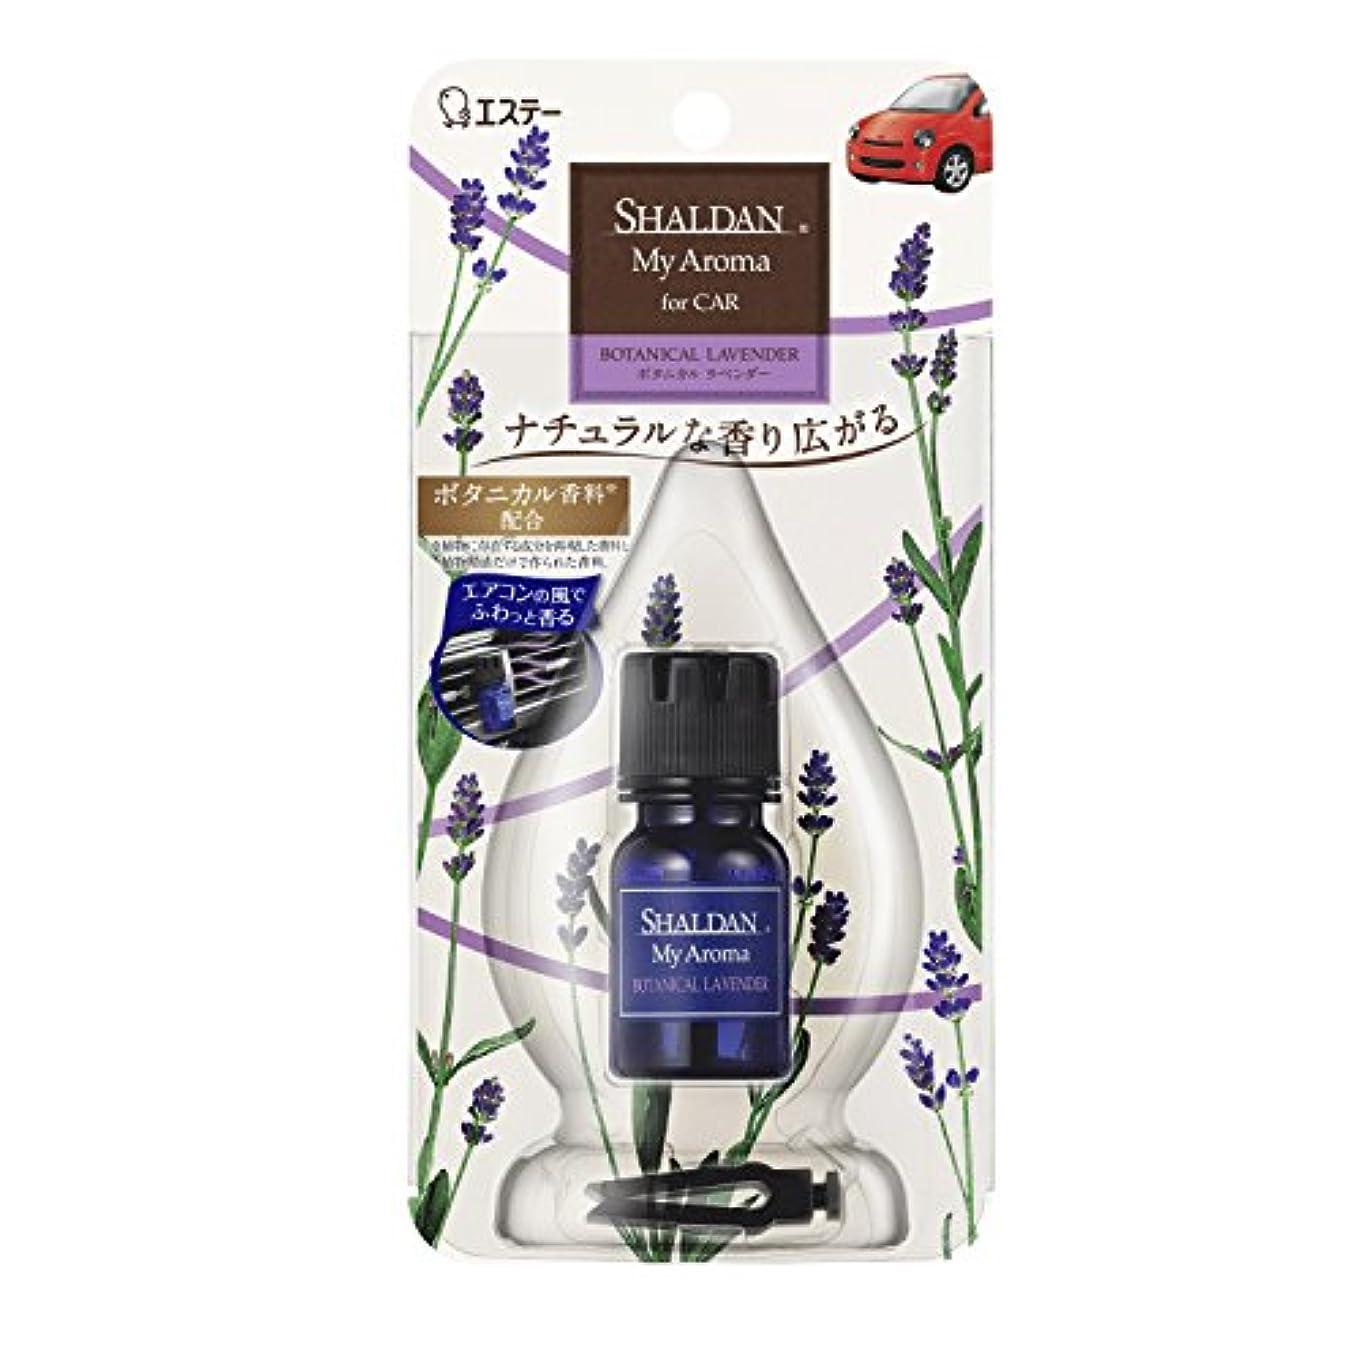 信頼性のあるいわゆる欠員シャルダン SHALDAN My Aroma アロマ for CAR 芳香剤 クルマ用 クルマ ボタニカルラベンダー 5ml